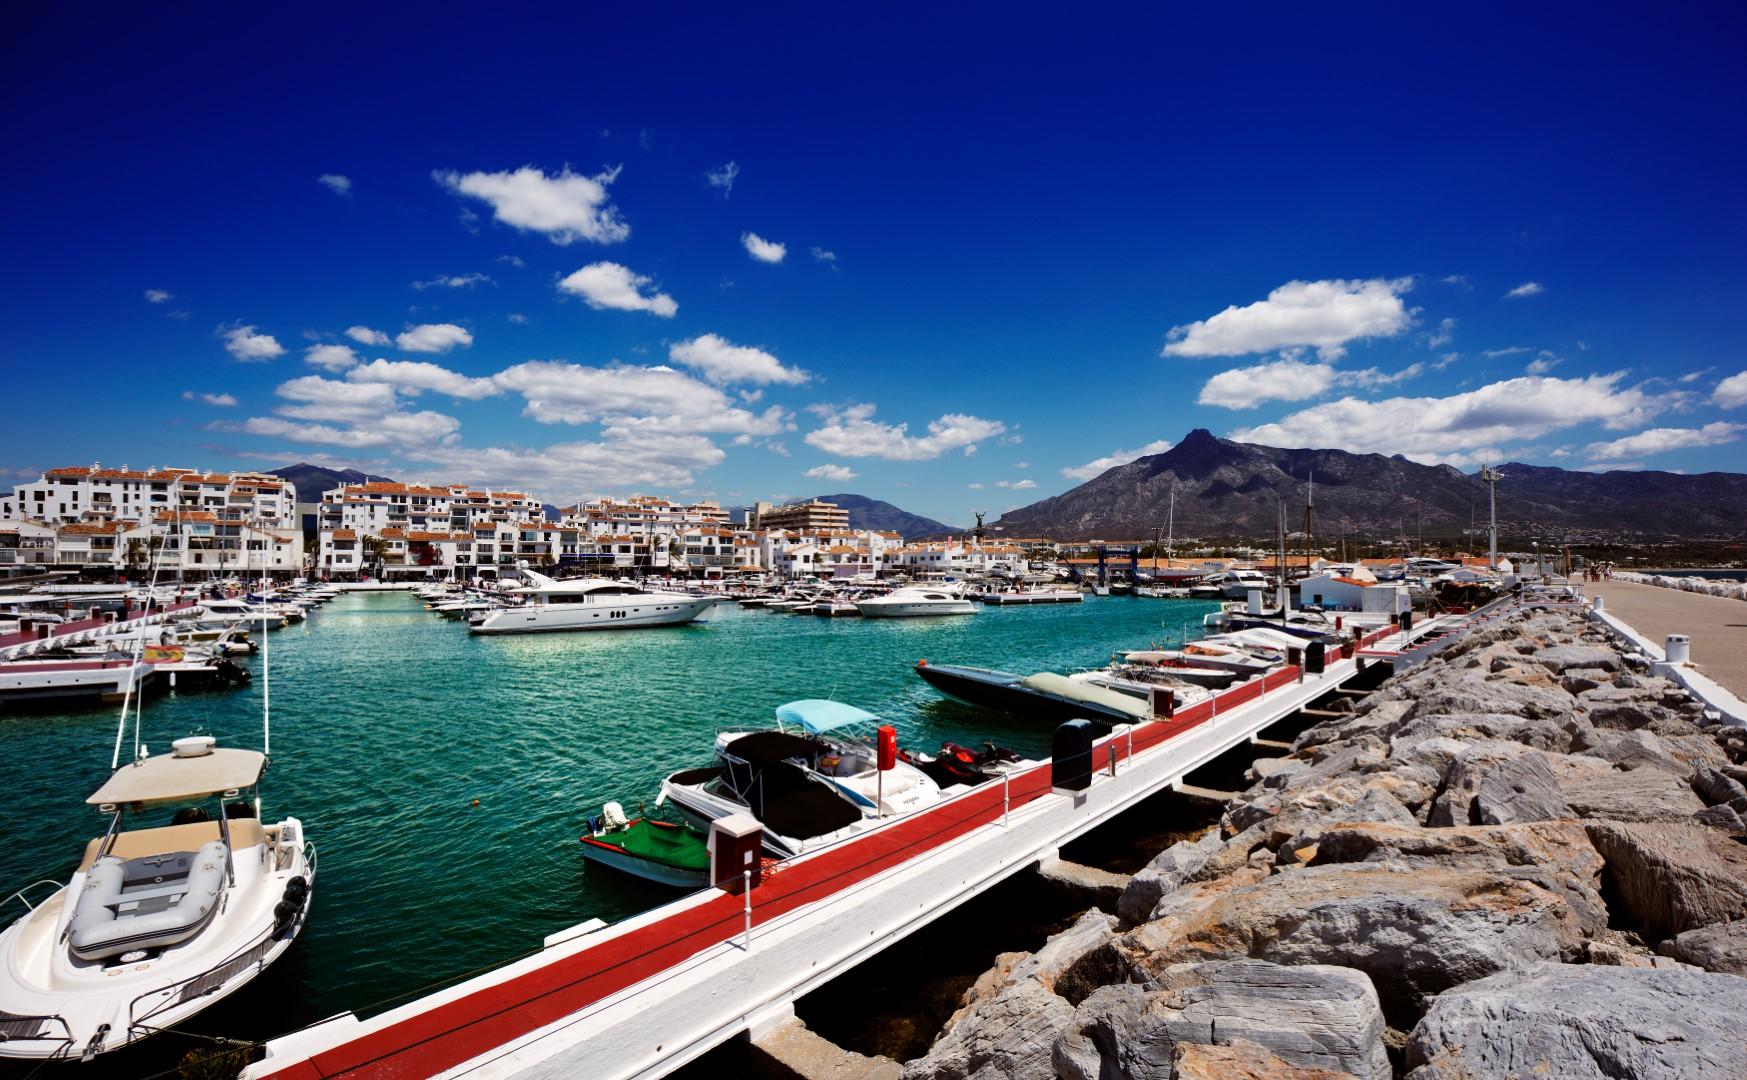 Kostenlose Corona-Reisekrankenversicherung um den Tourismus in Andalusien anzukurbeln